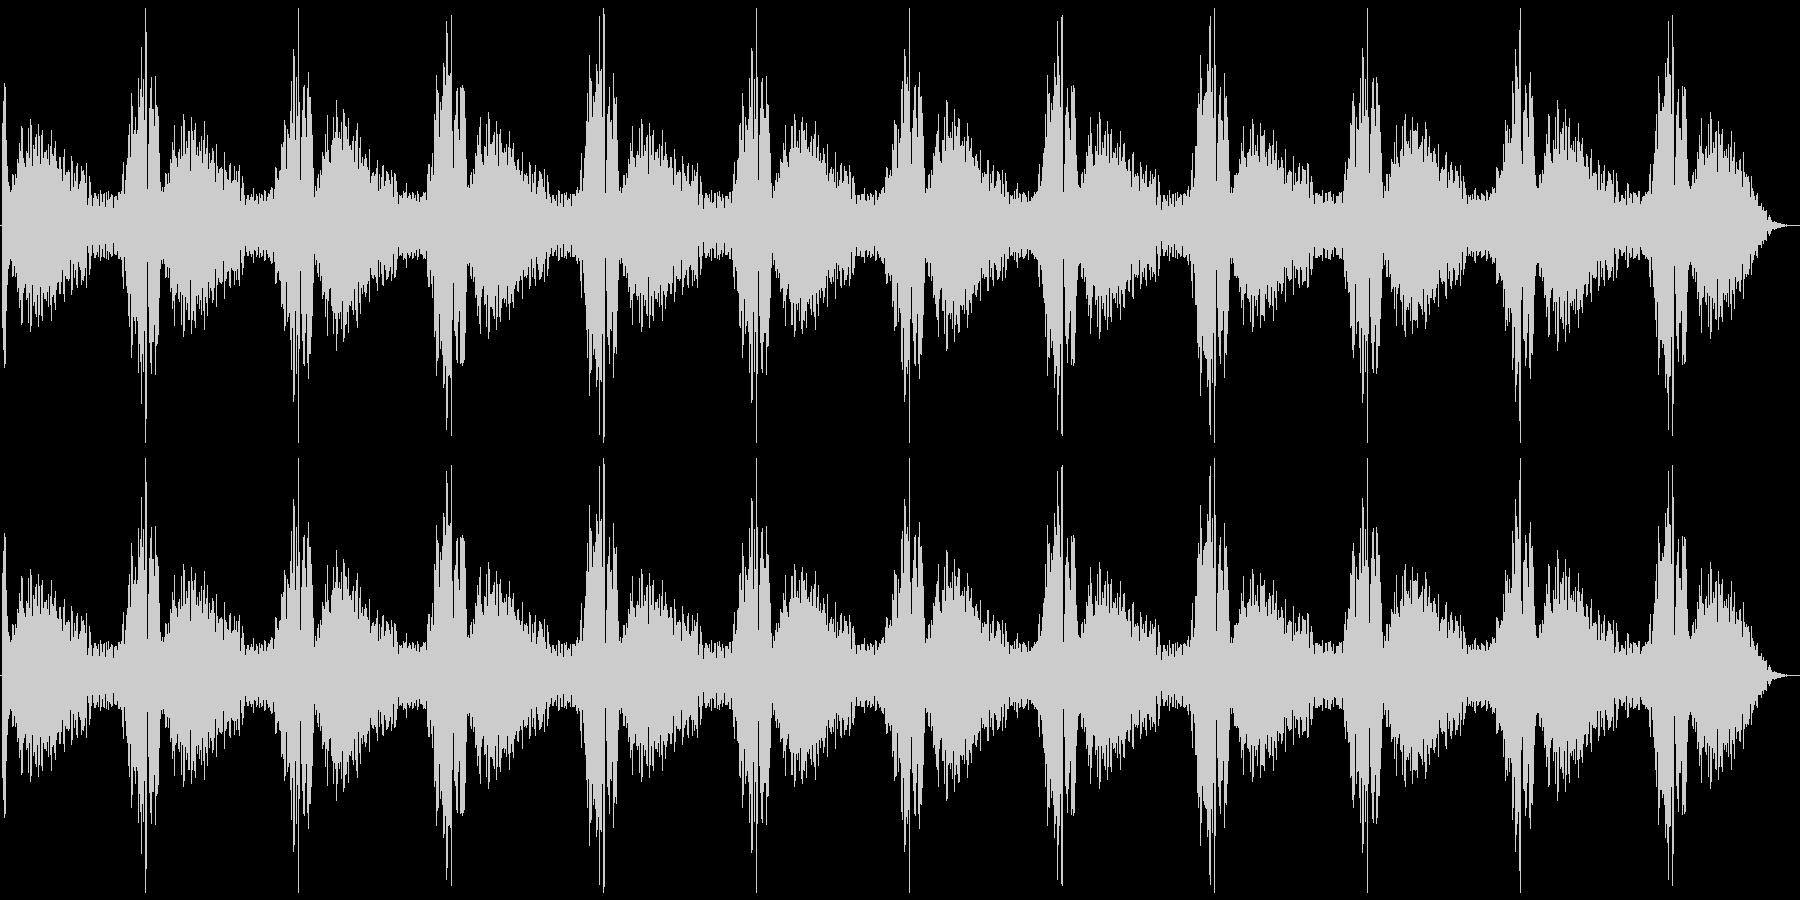 パトカー等のサイレンの未再生の波形